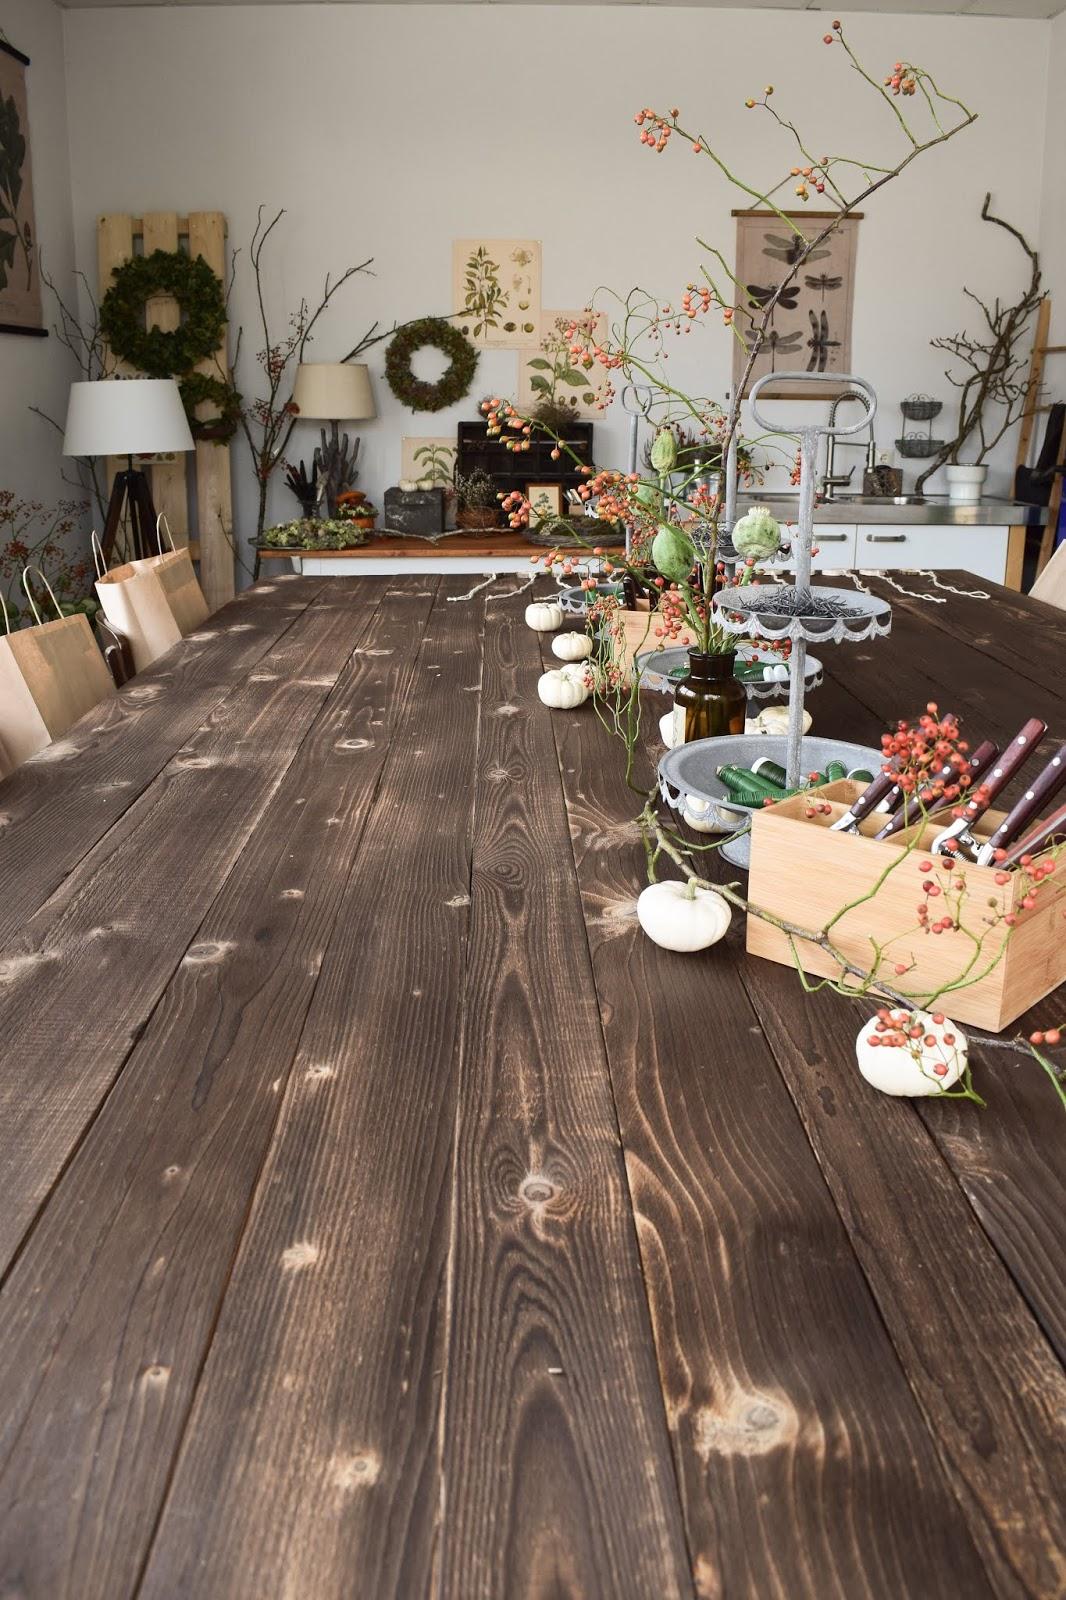 Einrichtung Interior Workshop-Räume: großer Arbeitstisch aus Holz. DIY selber machen. Kreativ werkeln